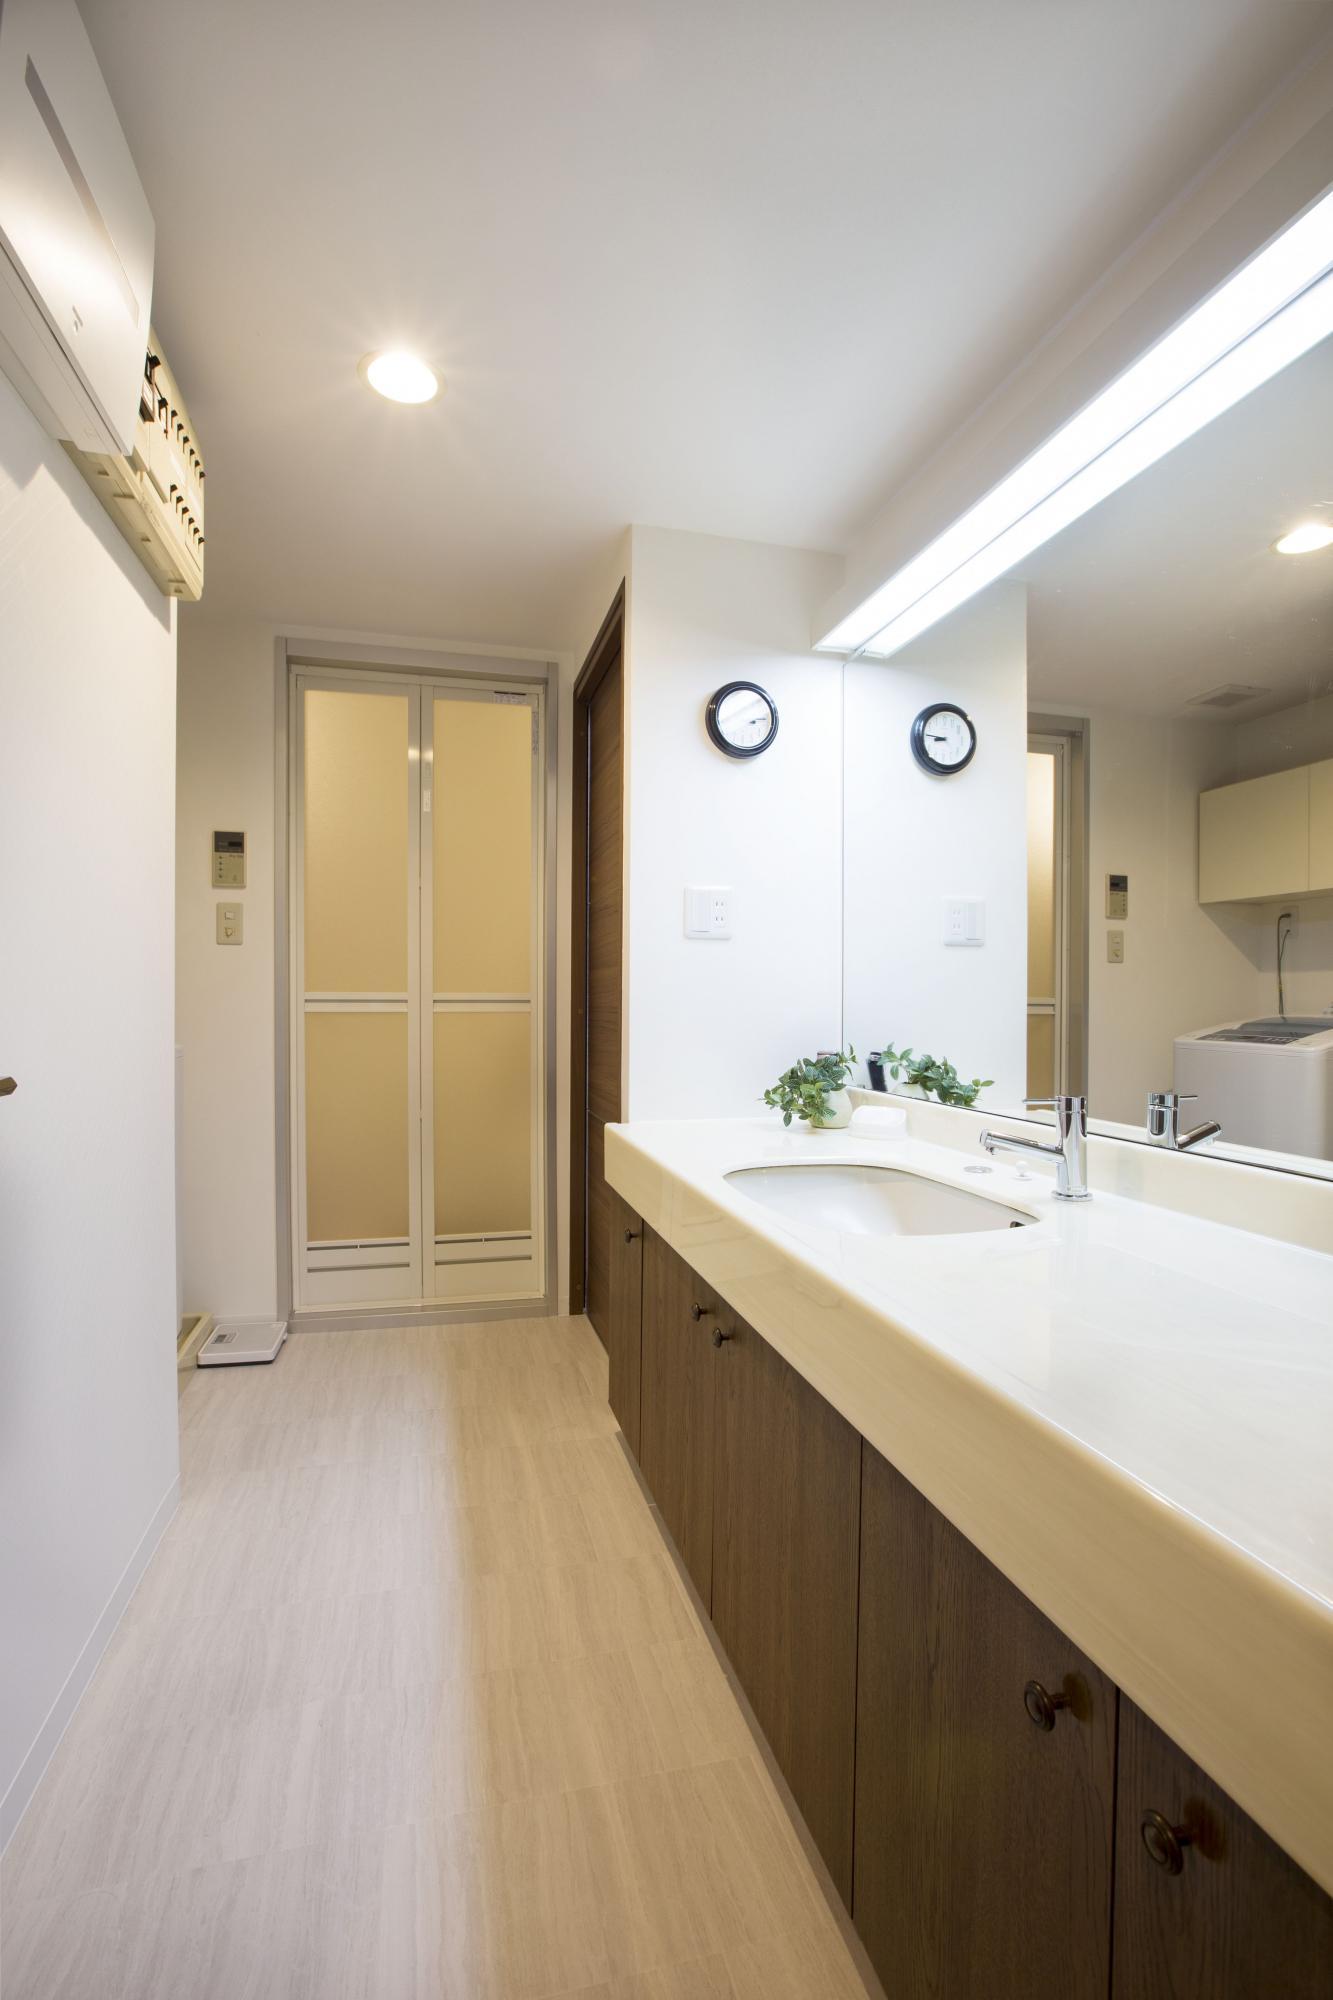 床は掃除がしやすい天然石風の白いクッションフロアに貼り替えて明るく清潔に。